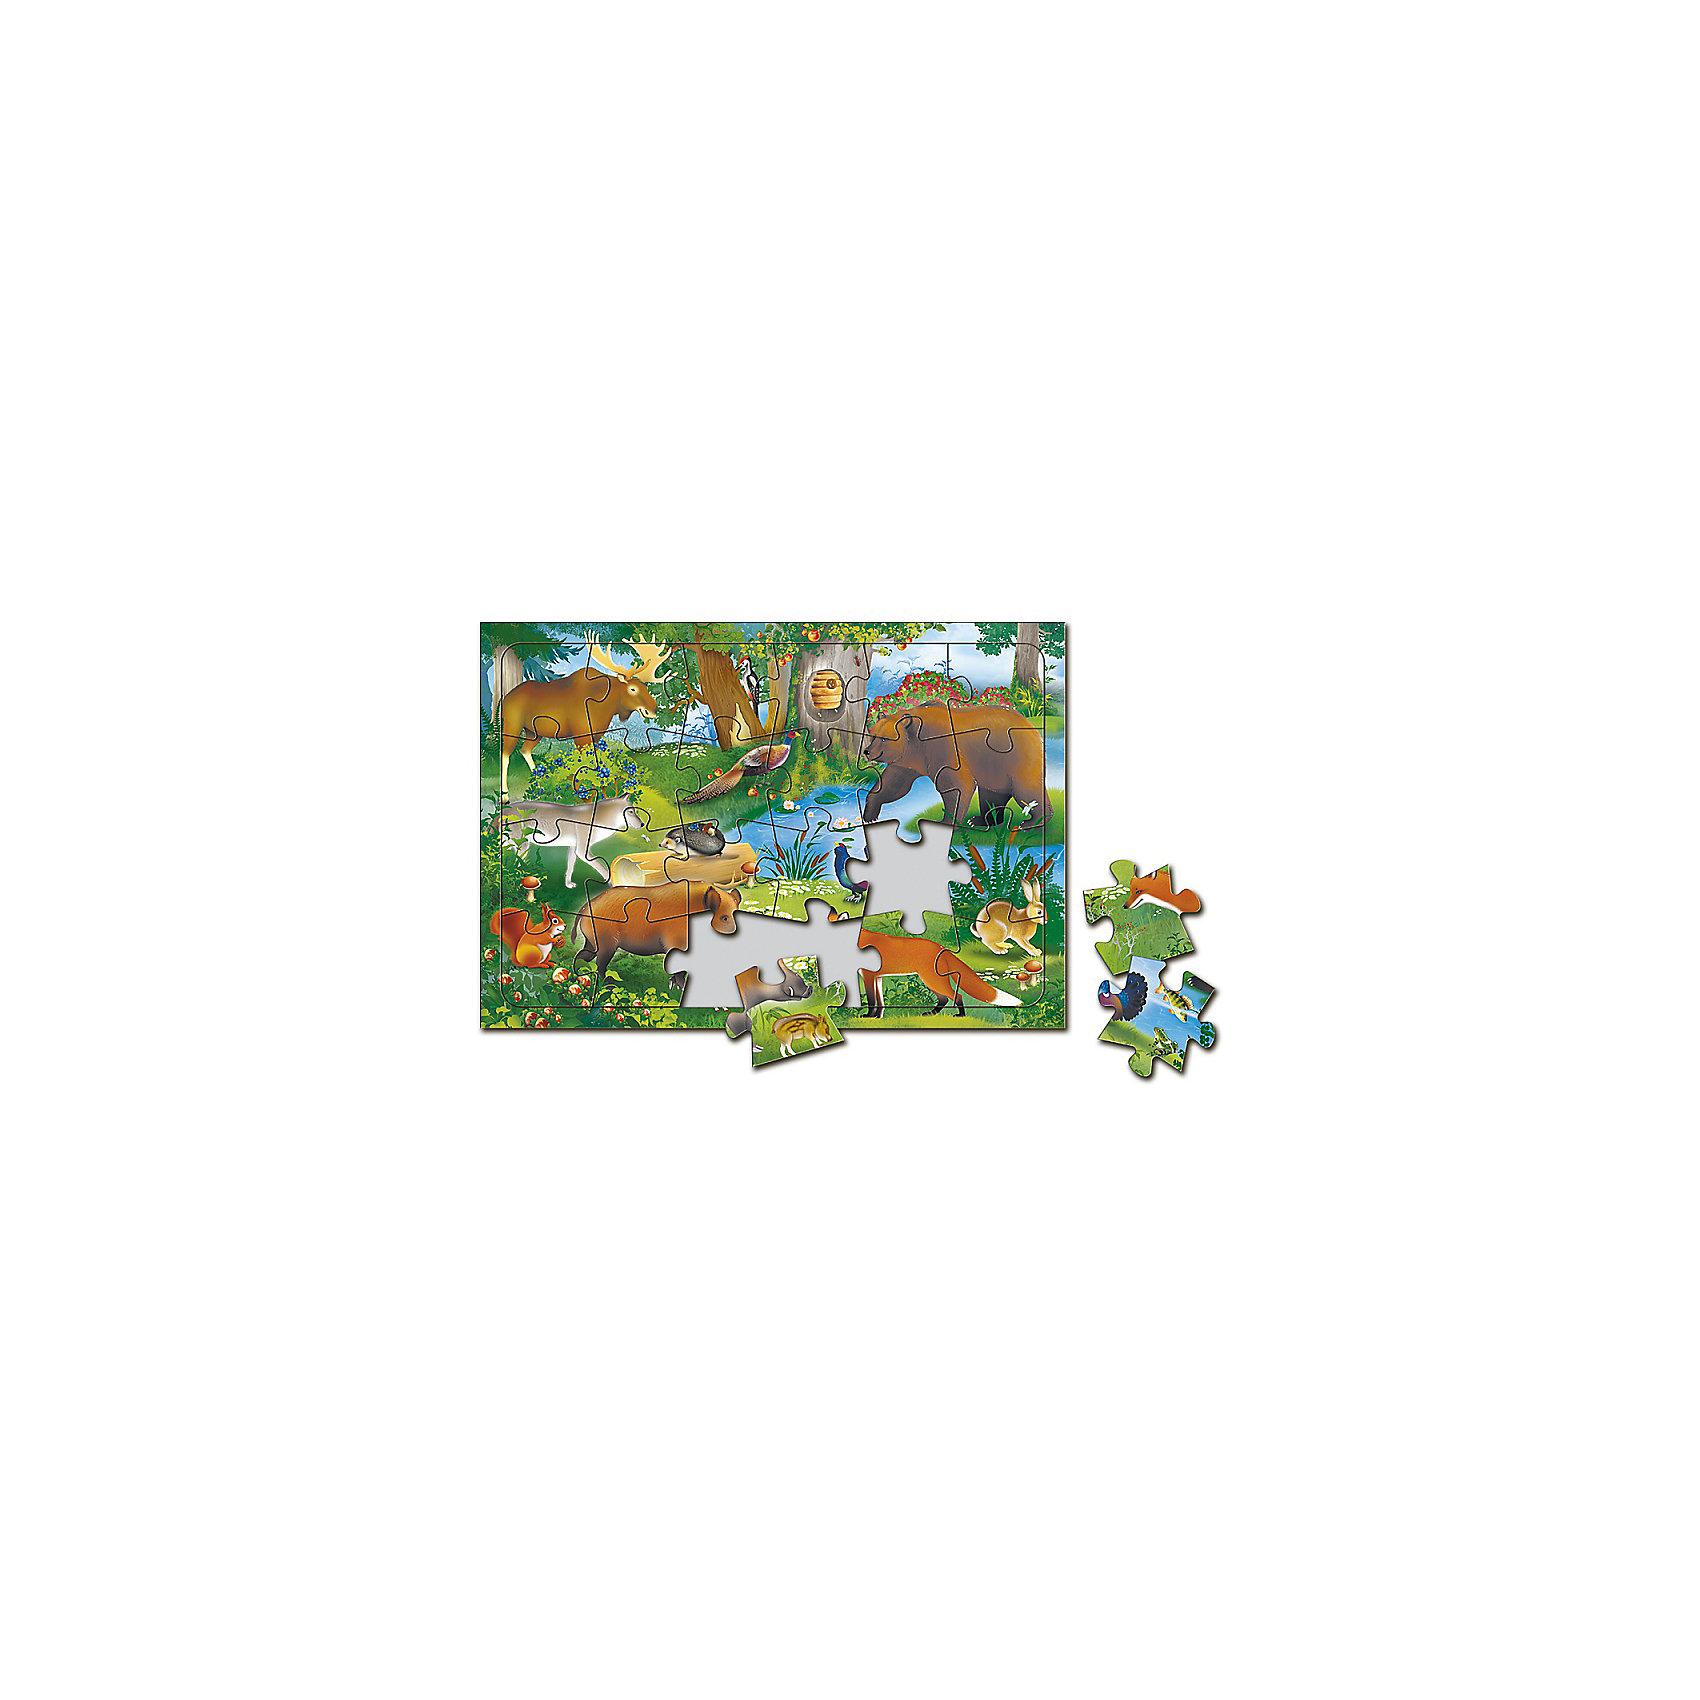 Пазл листовой на подложке В лесу, 24 деталиПазлы для малышей<br>Характеристики товара:<br><br>• возраст от 3 лет;<br>• материал: картон;<br>• в комплекте: 24 детали;<br>• размер пазла 20х28,5 см;<br>• размер упаковки 29х20х5 см;<br>• страна производитель: Россия.<br><br>Пазл листовой на подложке «В лесу» ГеоДом позволит малышам весело и увлекательно провести время, собирая яркую картинку. Малыш не только интересно проведет время, но и познакомится с животными и птицами, которые обитают в лесу. В процессе сборки пазла у малышей развивается пространственное мышление, моторика рук, внимательность.<br><br>Пазл листовой на подложке «В лесу» ГеоДом можно приобрести в нашем интернет-магазине.<br><br>Ширина мм: 290<br>Глубина мм: 200<br>Высота мм: 50<br>Вес г: 132<br>Возраст от месяцев: 36<br>Возраст до месяцев: 2147483647<br>Пол: Унисекс<br>Возраст: Детский<br>SKU: 5518186